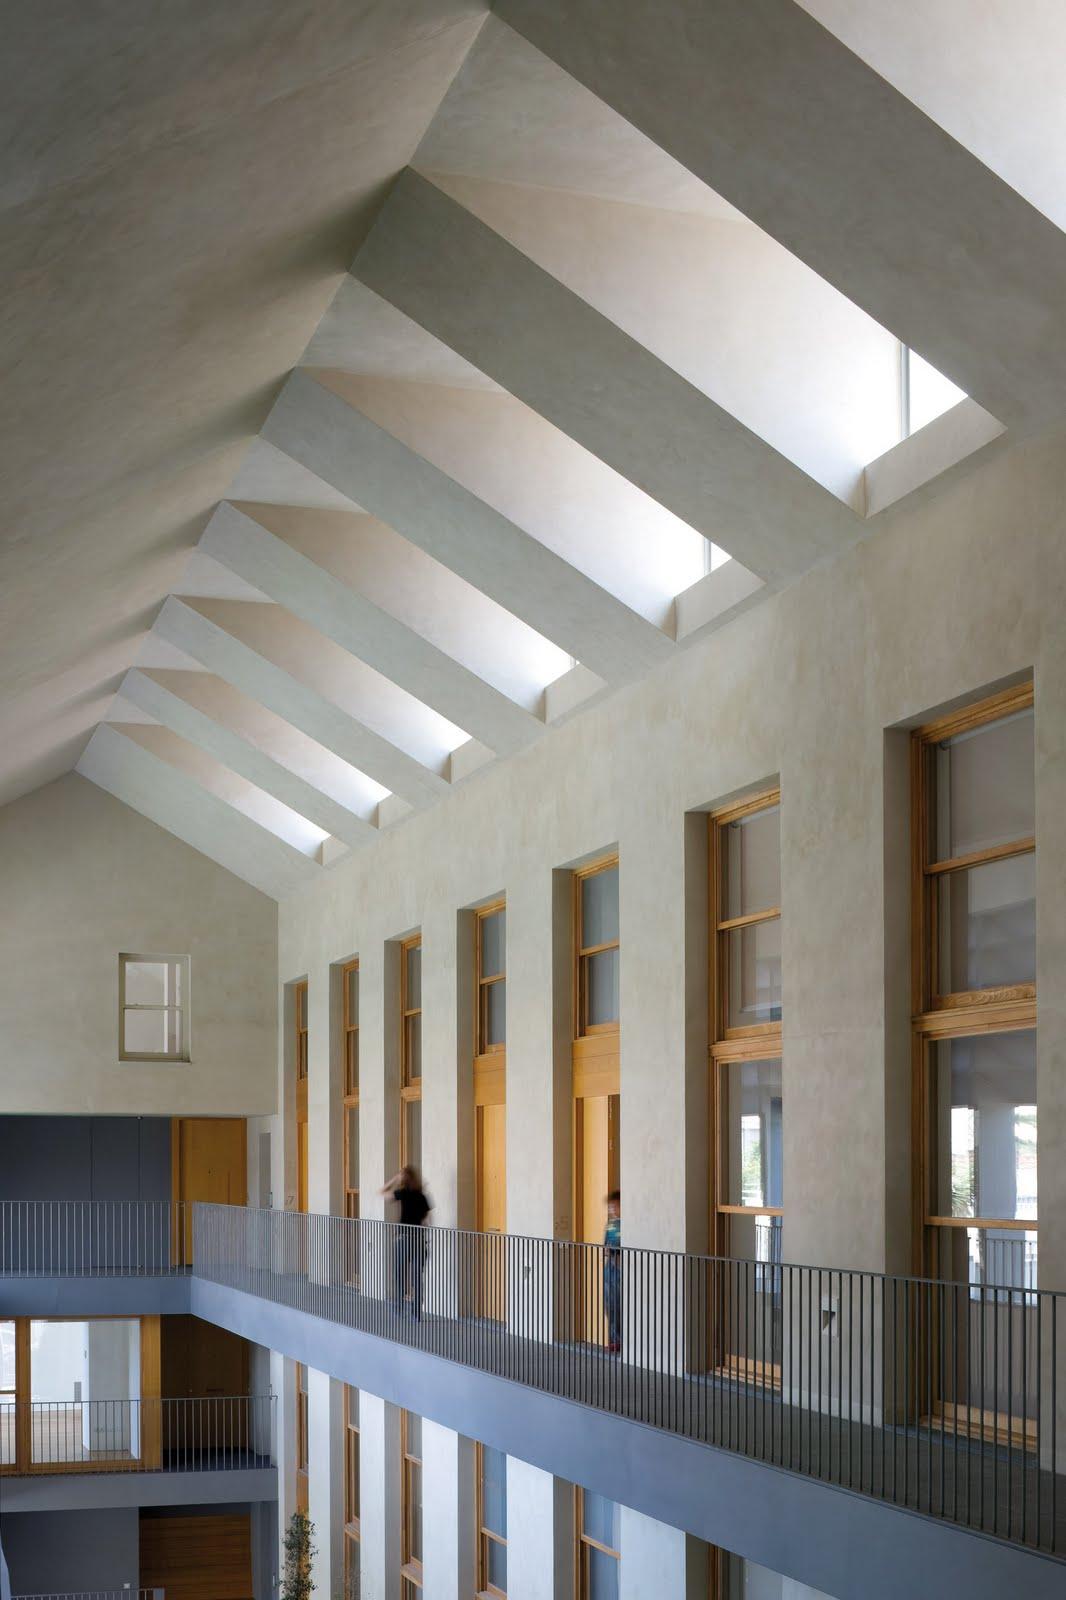 Cruz y ortiz lofts en sabadell hic arquitectura - Arquitectos sabadell ...